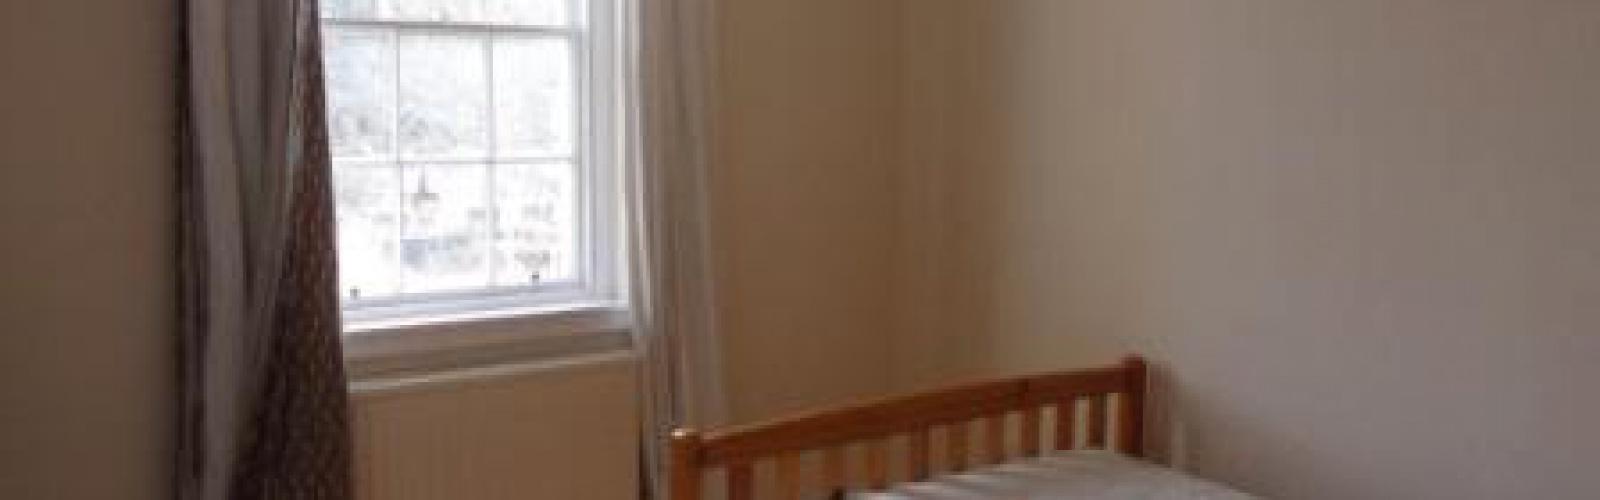 1 Bedroom Bedrooms,1 BathroomBathrooms,Flat,1009